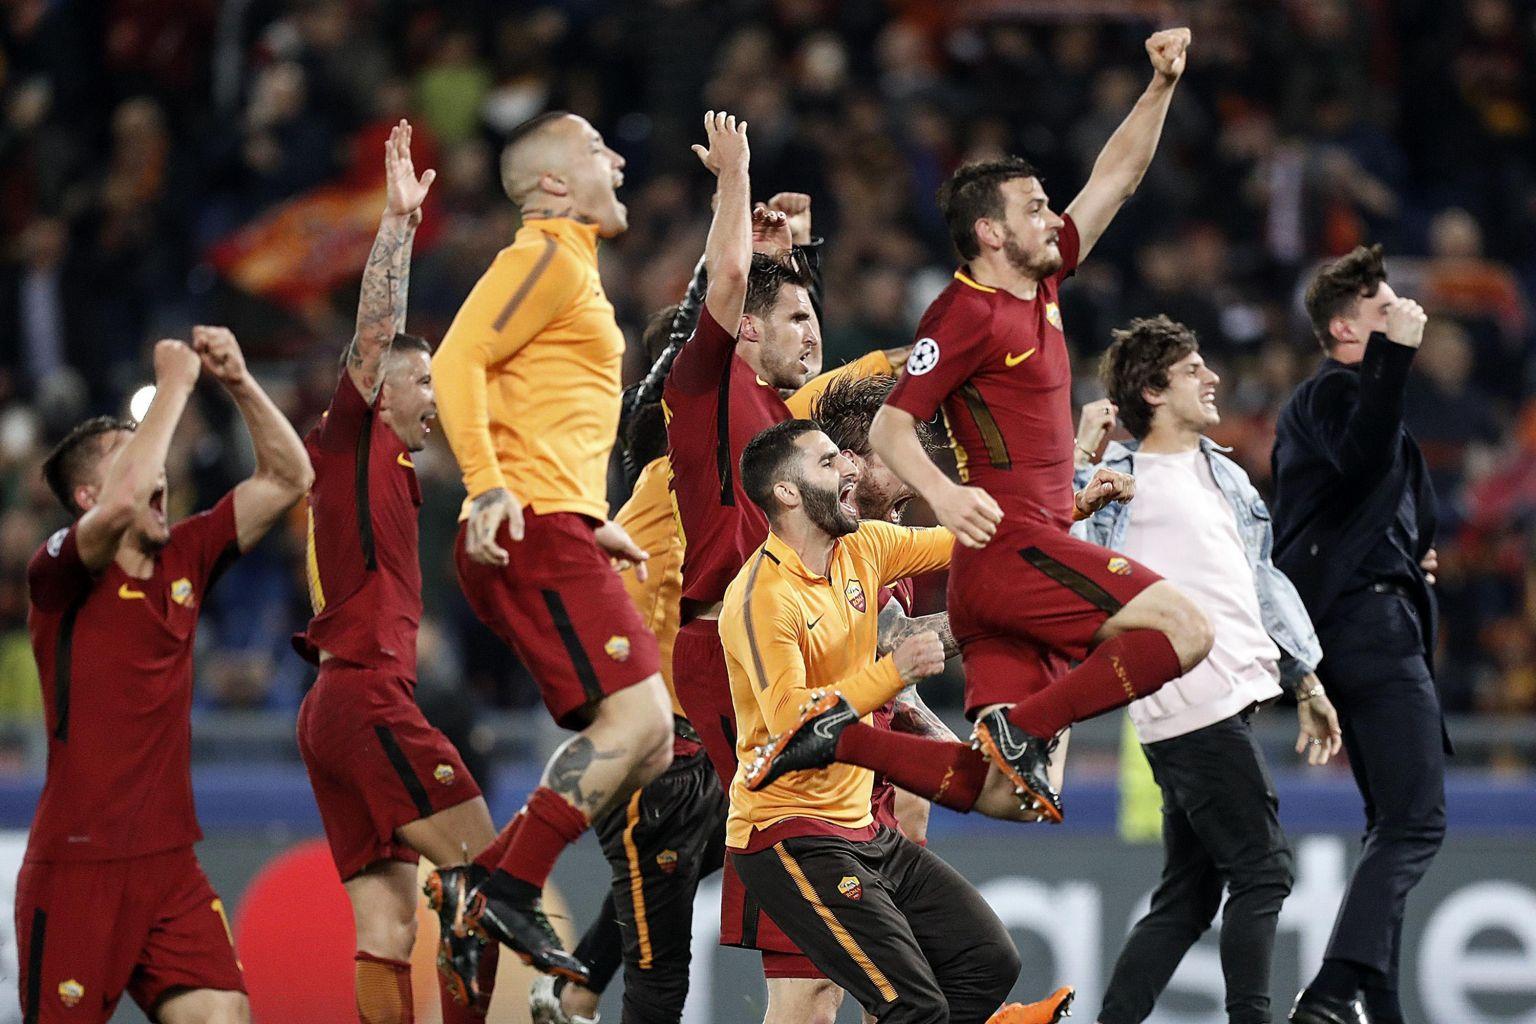 O futebol é maravilhoso, mas a Roma jogou muita bola